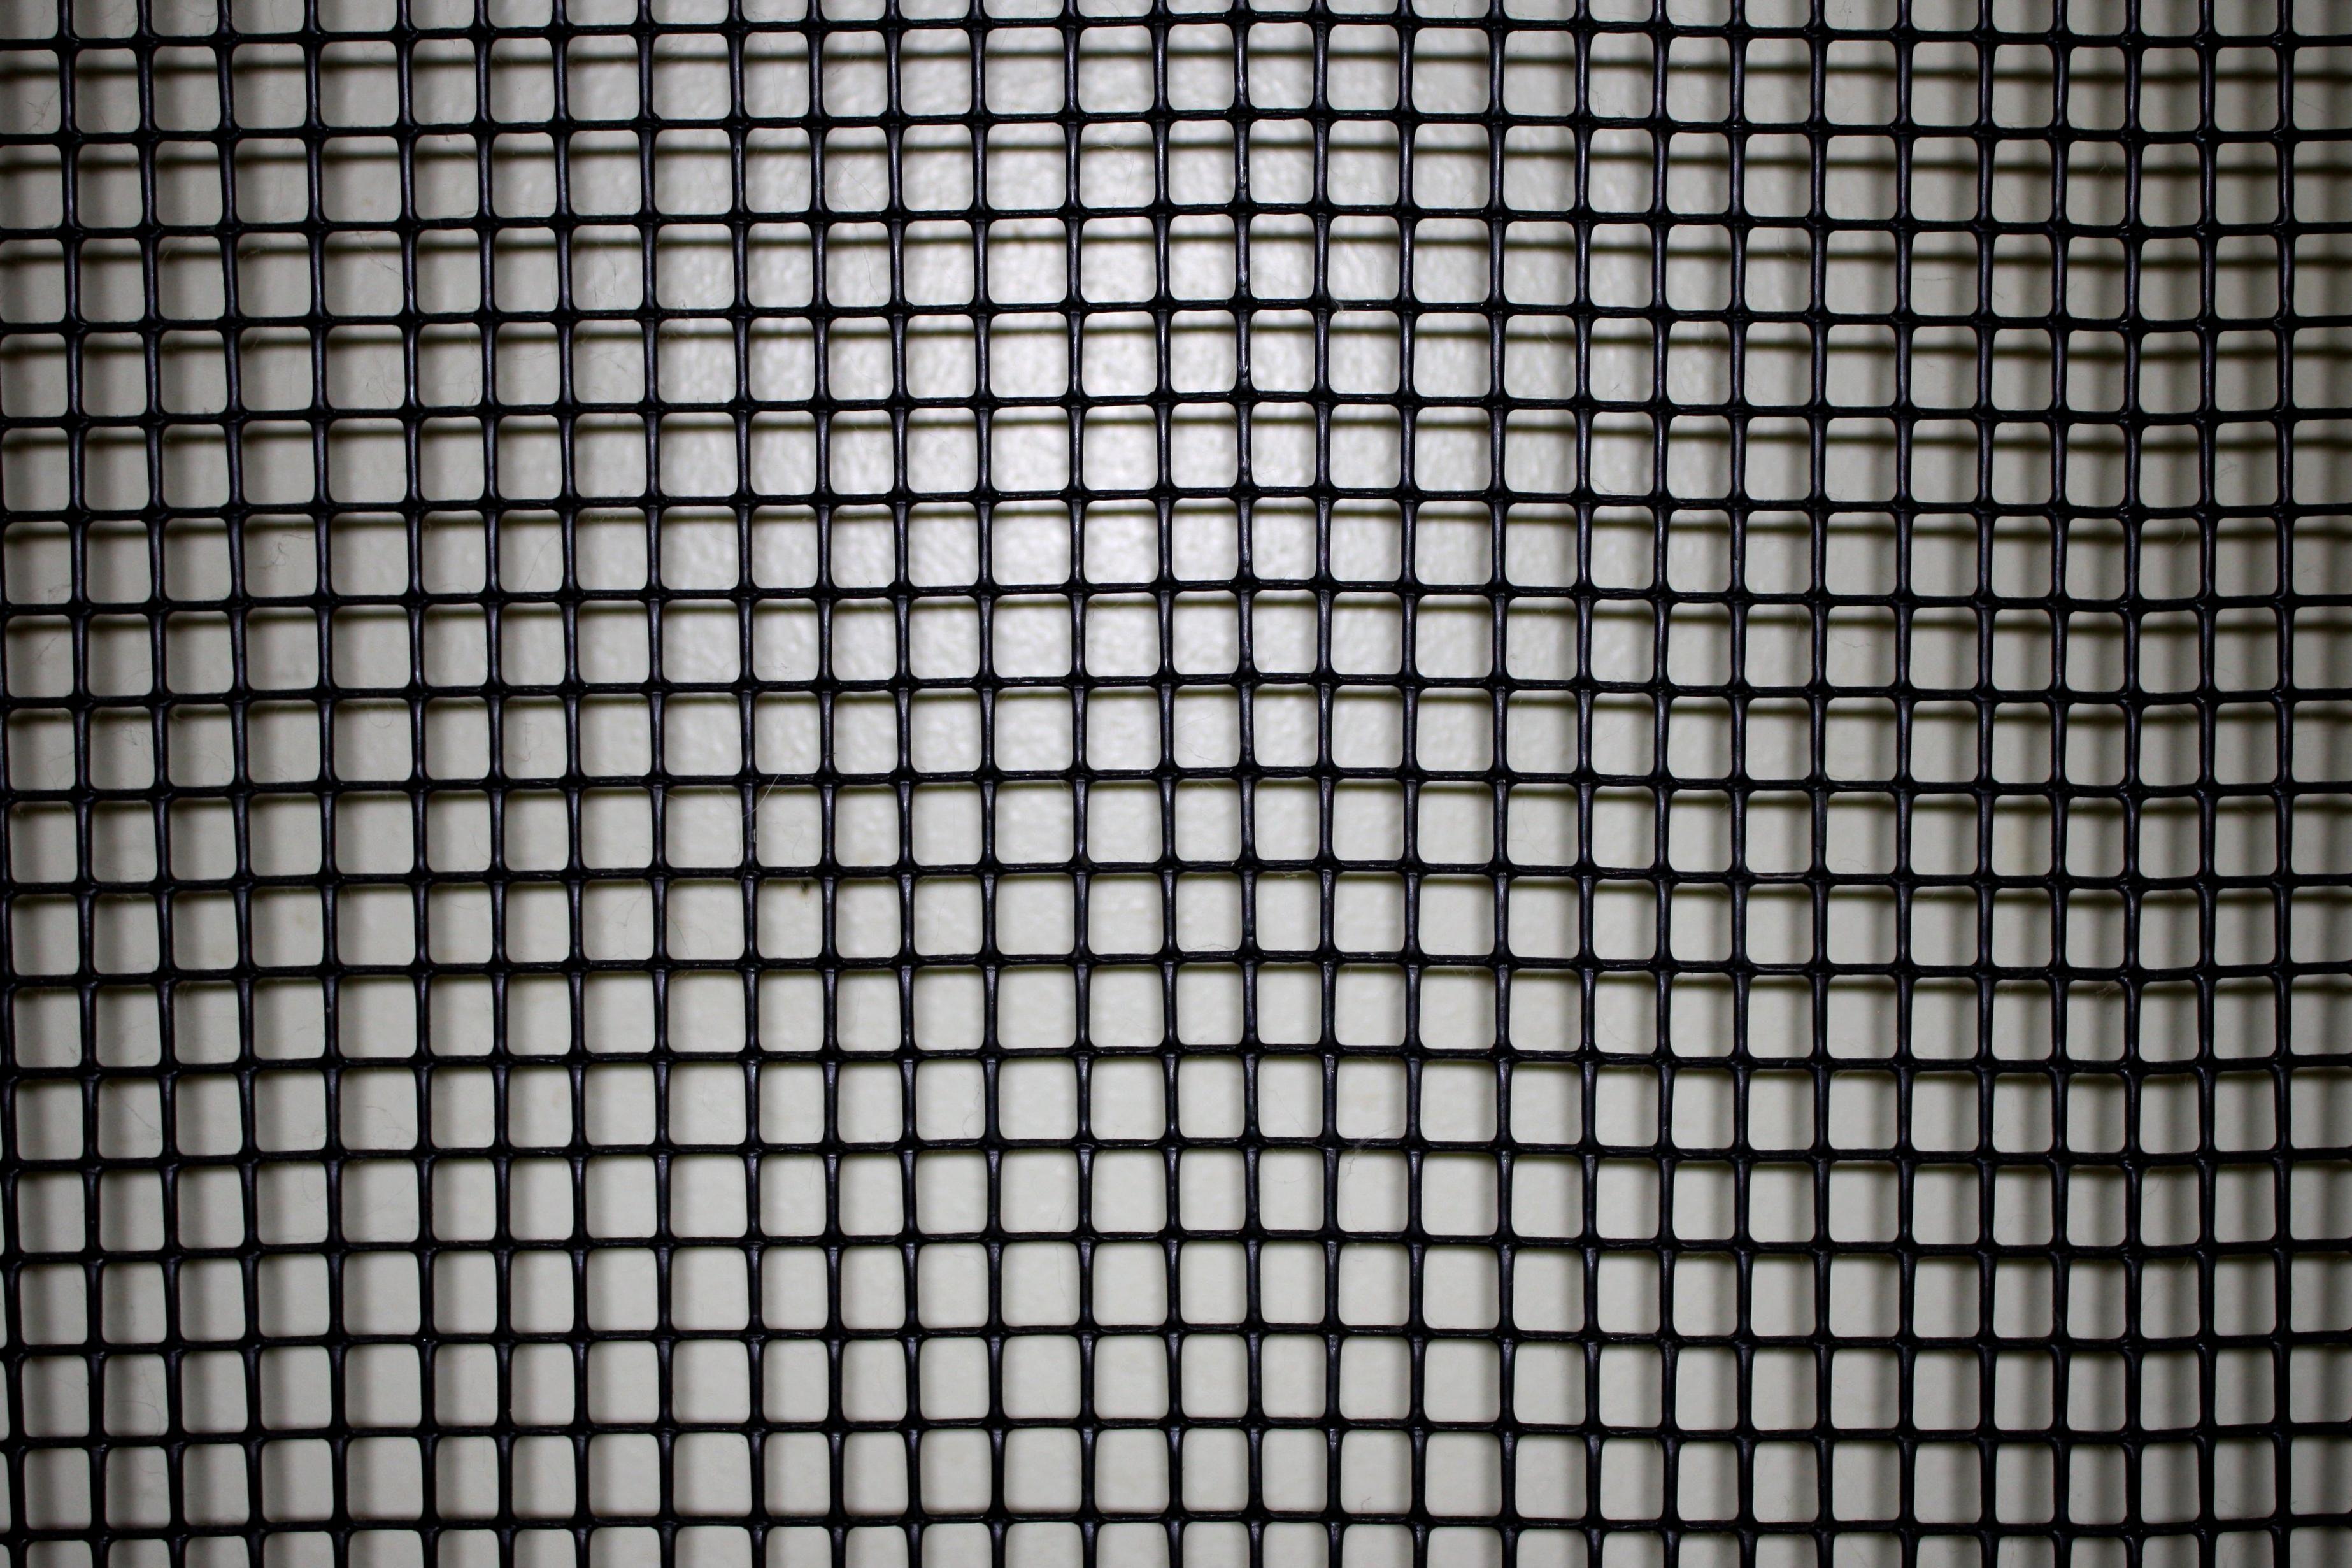 17 plastic textures - photo #16